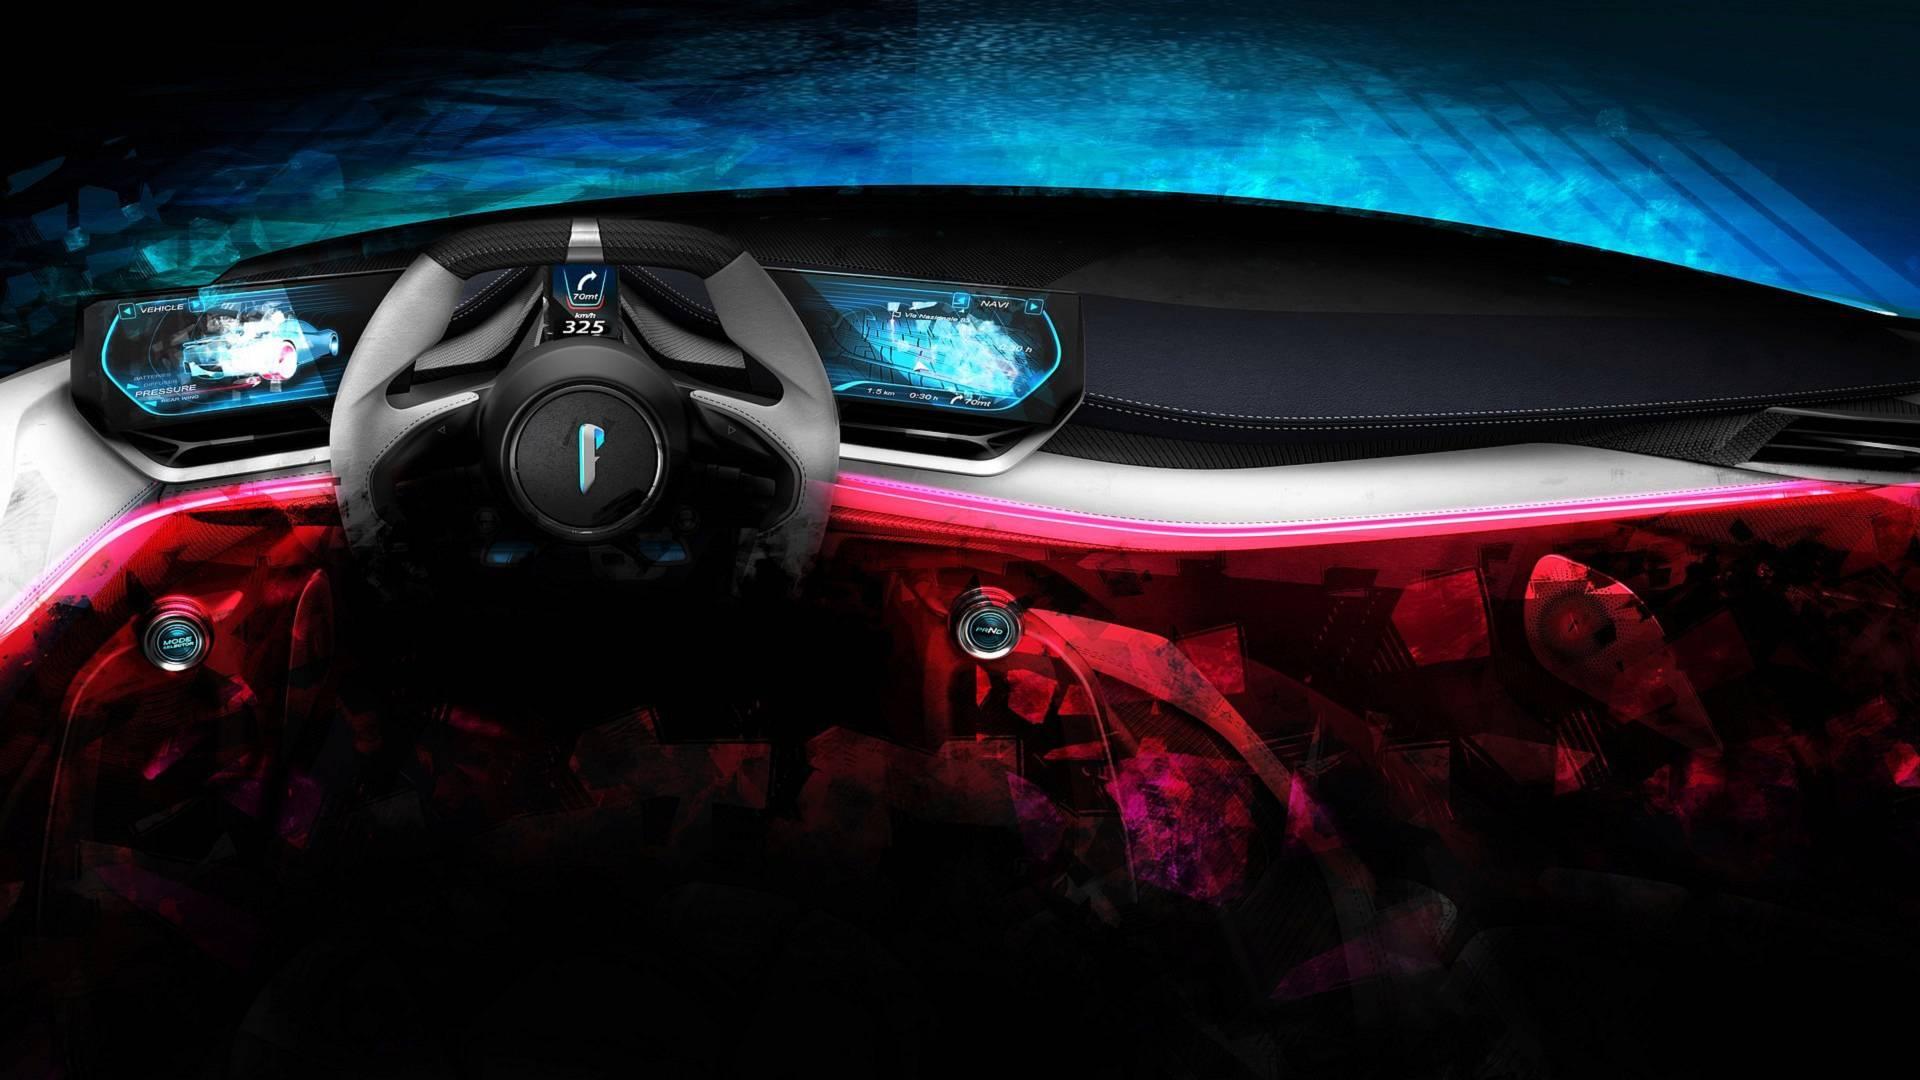 宾尼法利纳PF0电动超跑内饰公布 极简未来主义设计